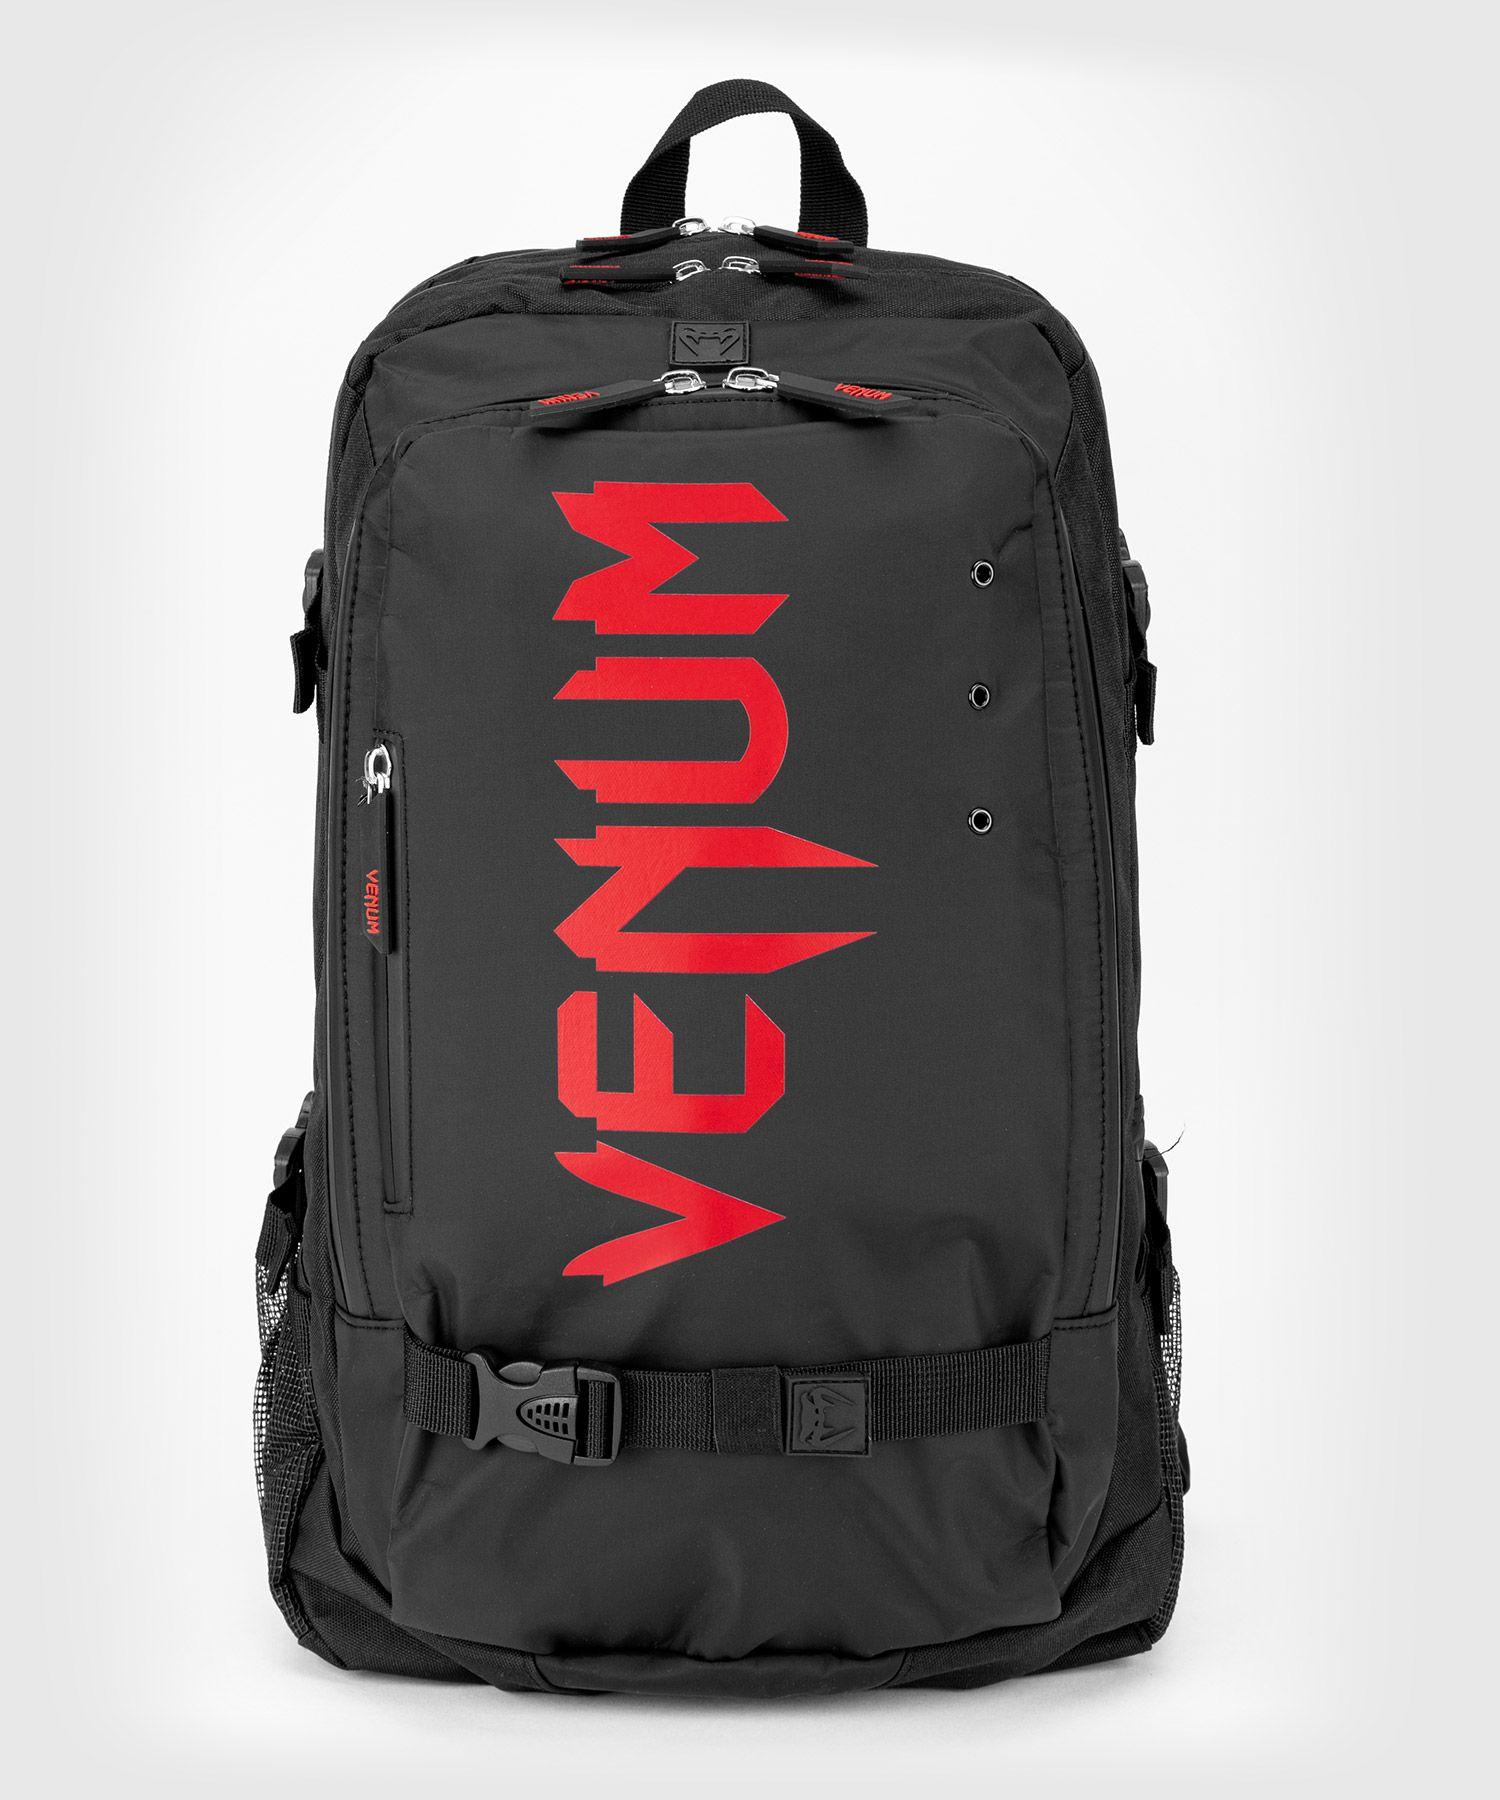 Sac à dos Venum Challenger pro EVO Noir - Rouge